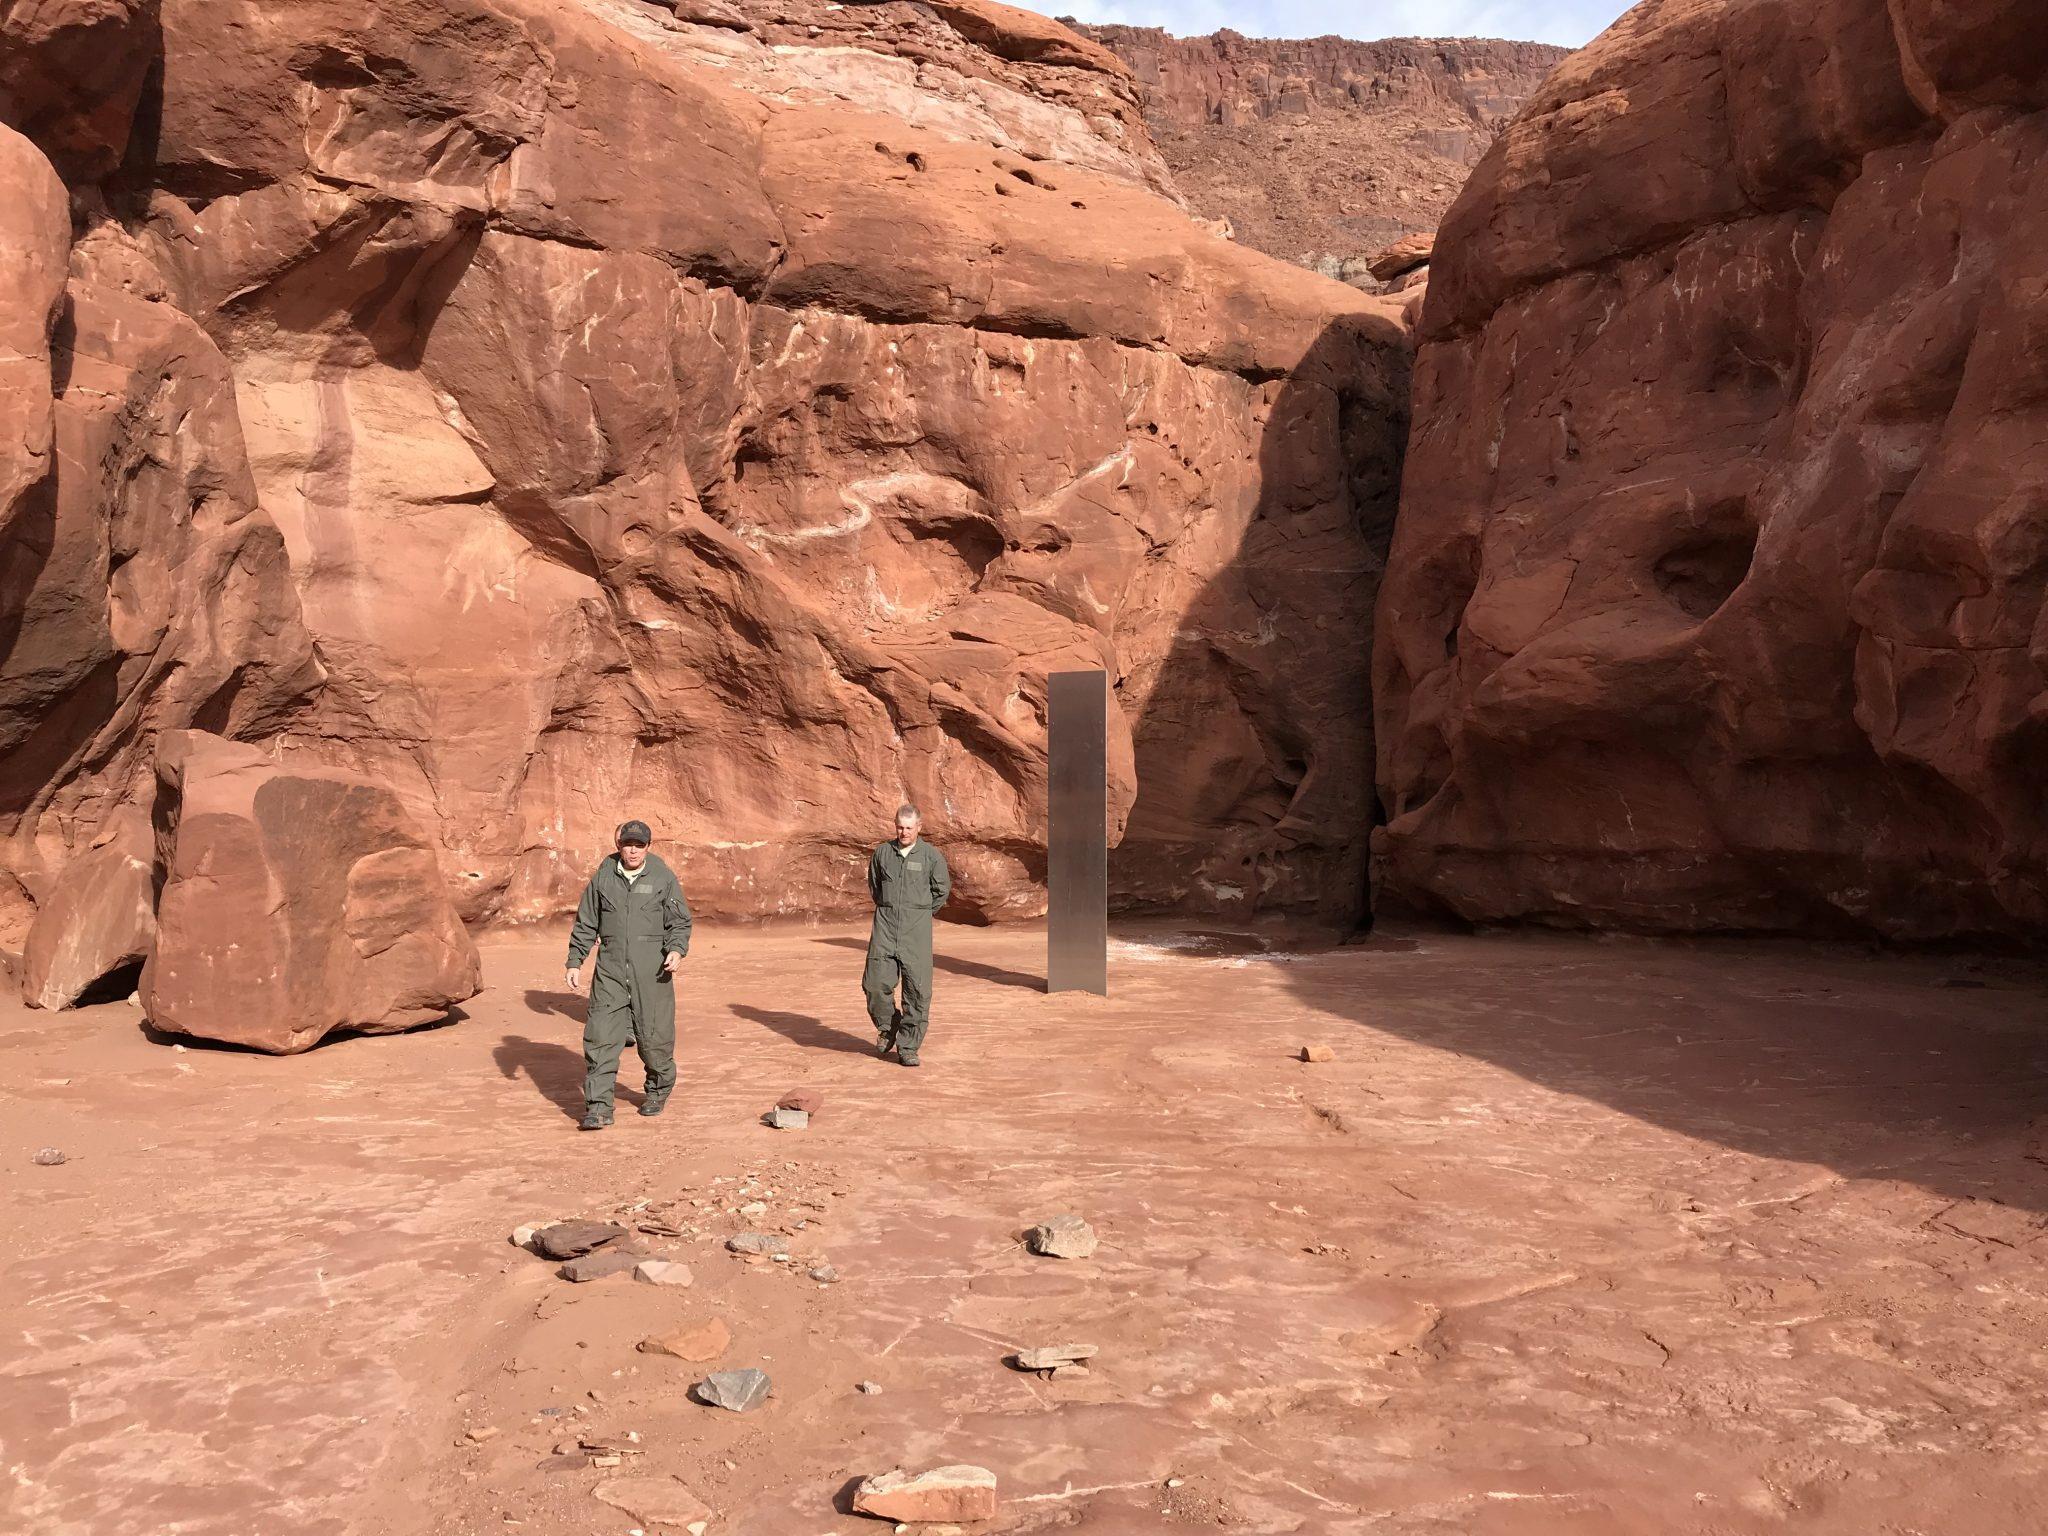 Τέλος στο μυστήριο της «εξαφάνισης» του μονόλιθου στην Γιούτα (pics)